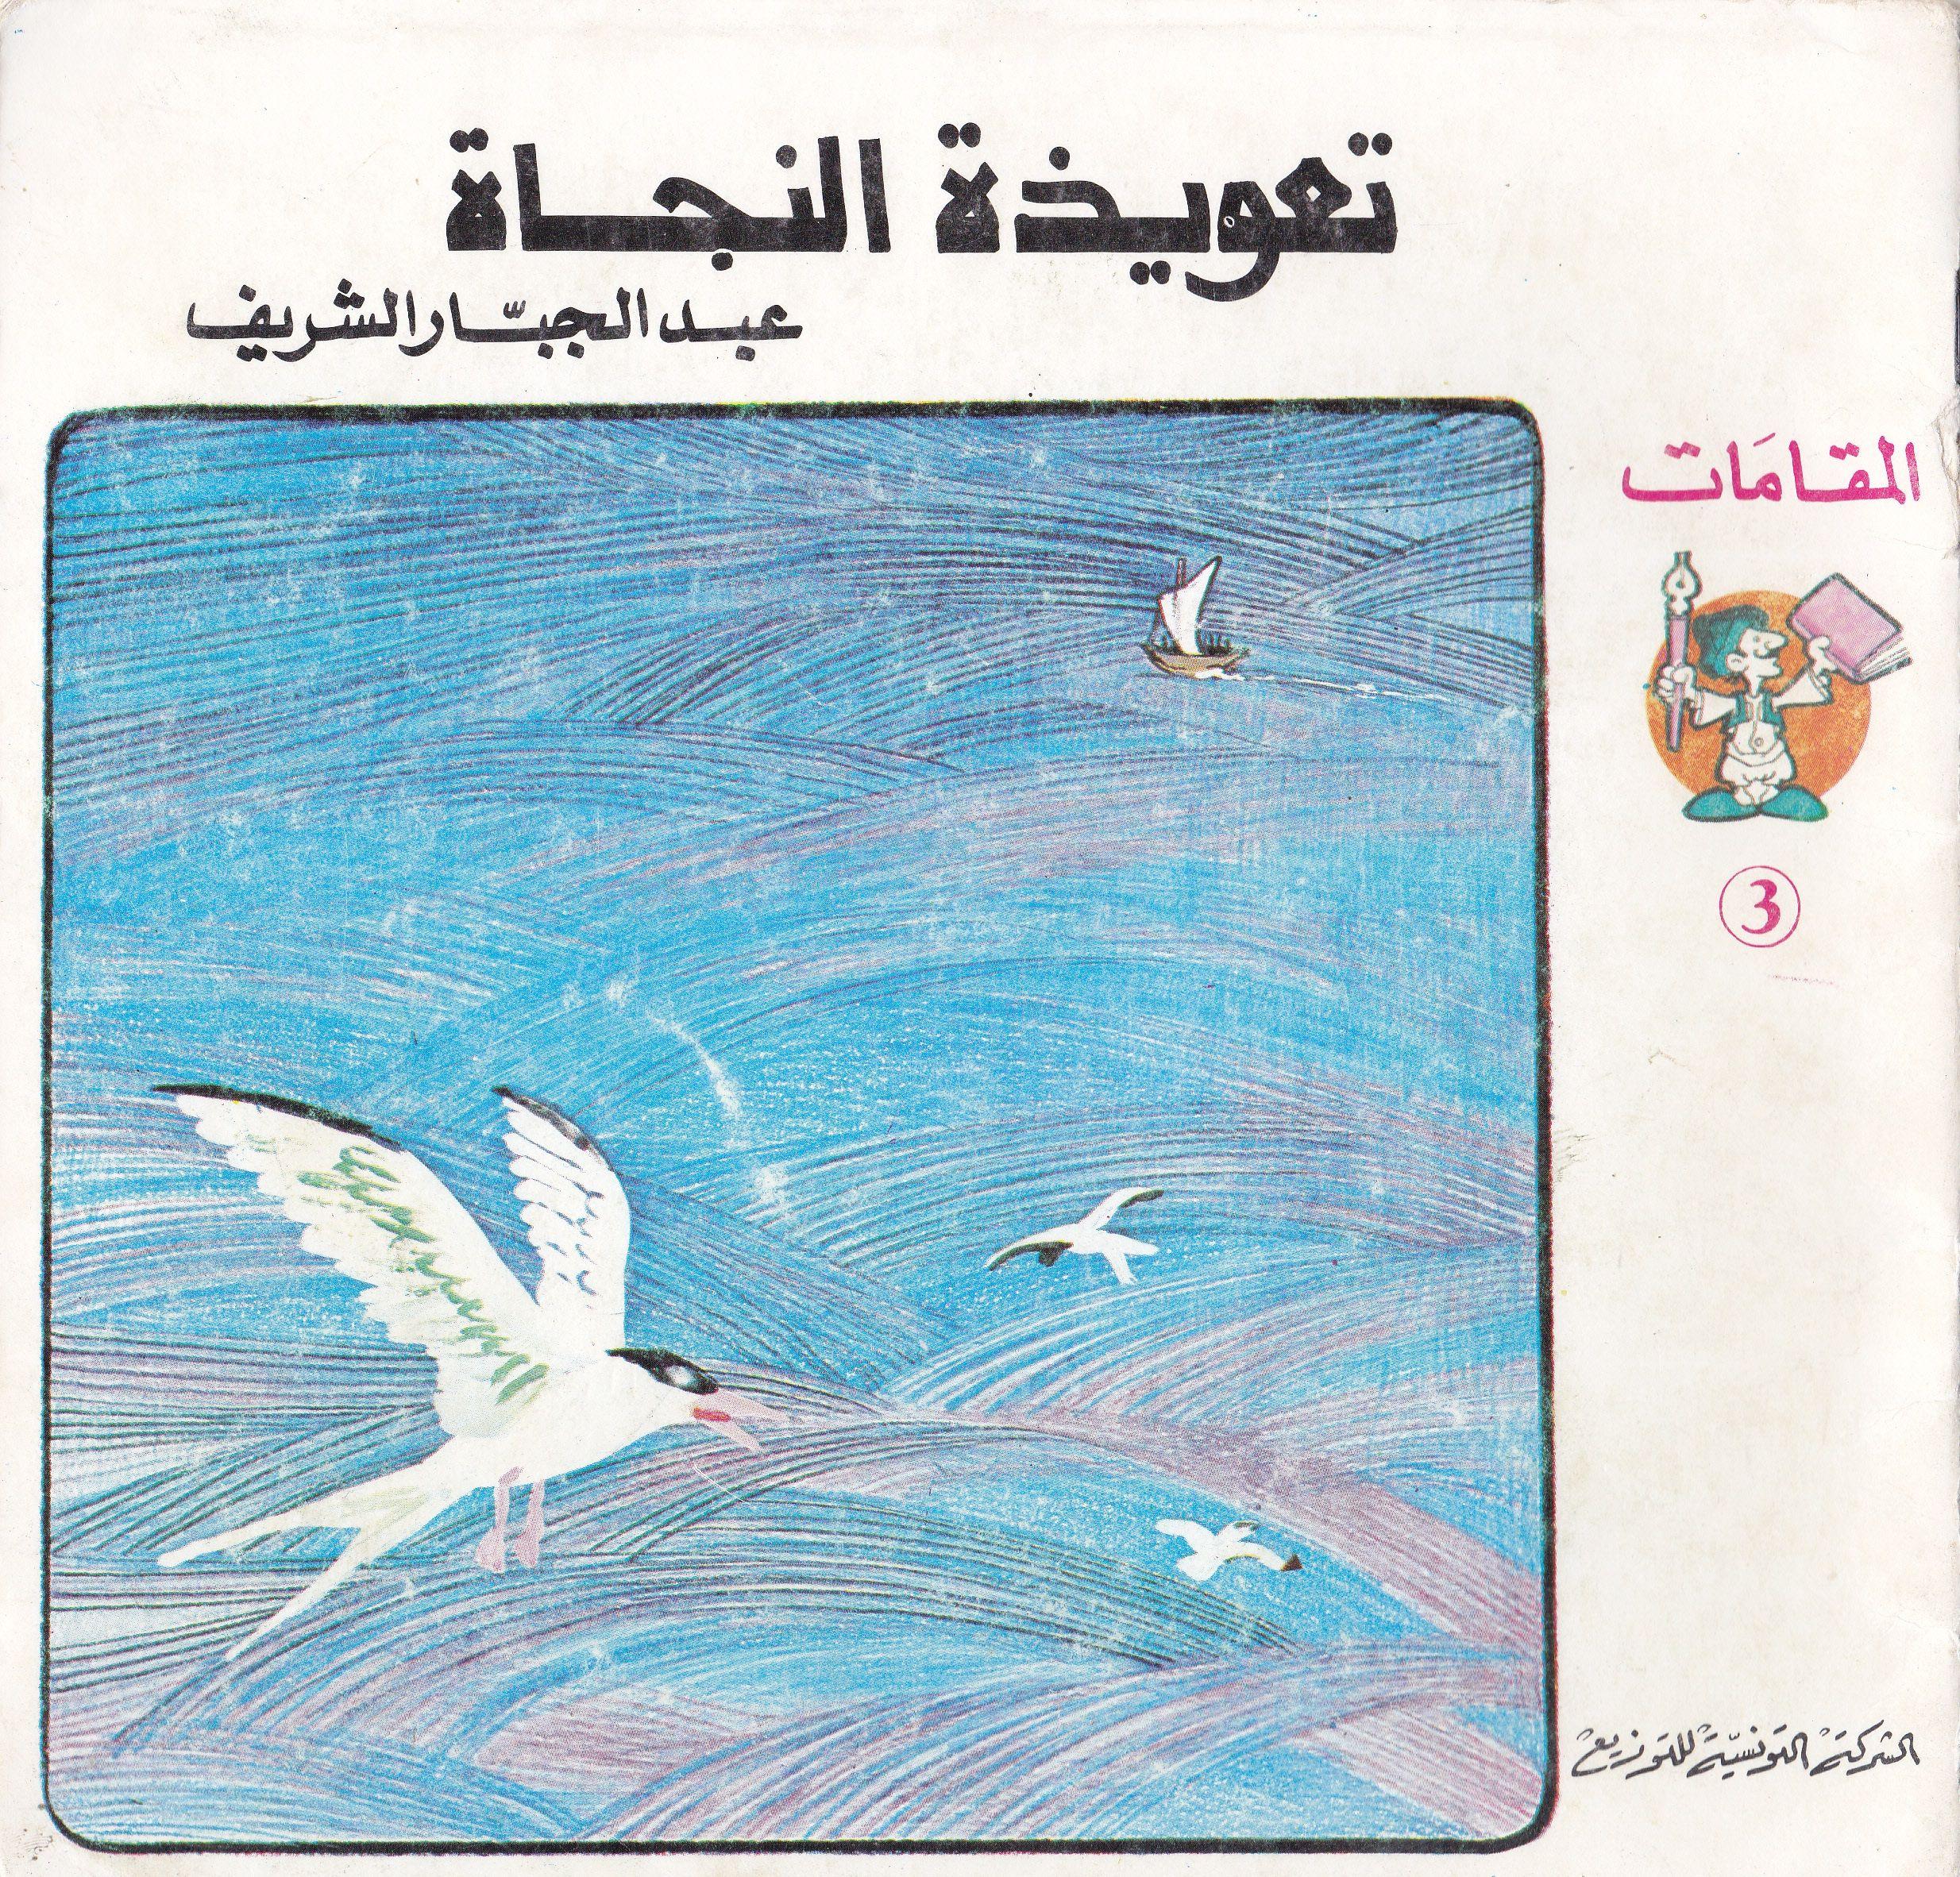 قصة تعويذة النجاة عدد صفحاتها 26 صفحة هذه القصة من تأليف الكاتب التونسي عبد الجبار الشريف الناشر الشركة التونسية للتوزيع Movie Posters Movies Poster